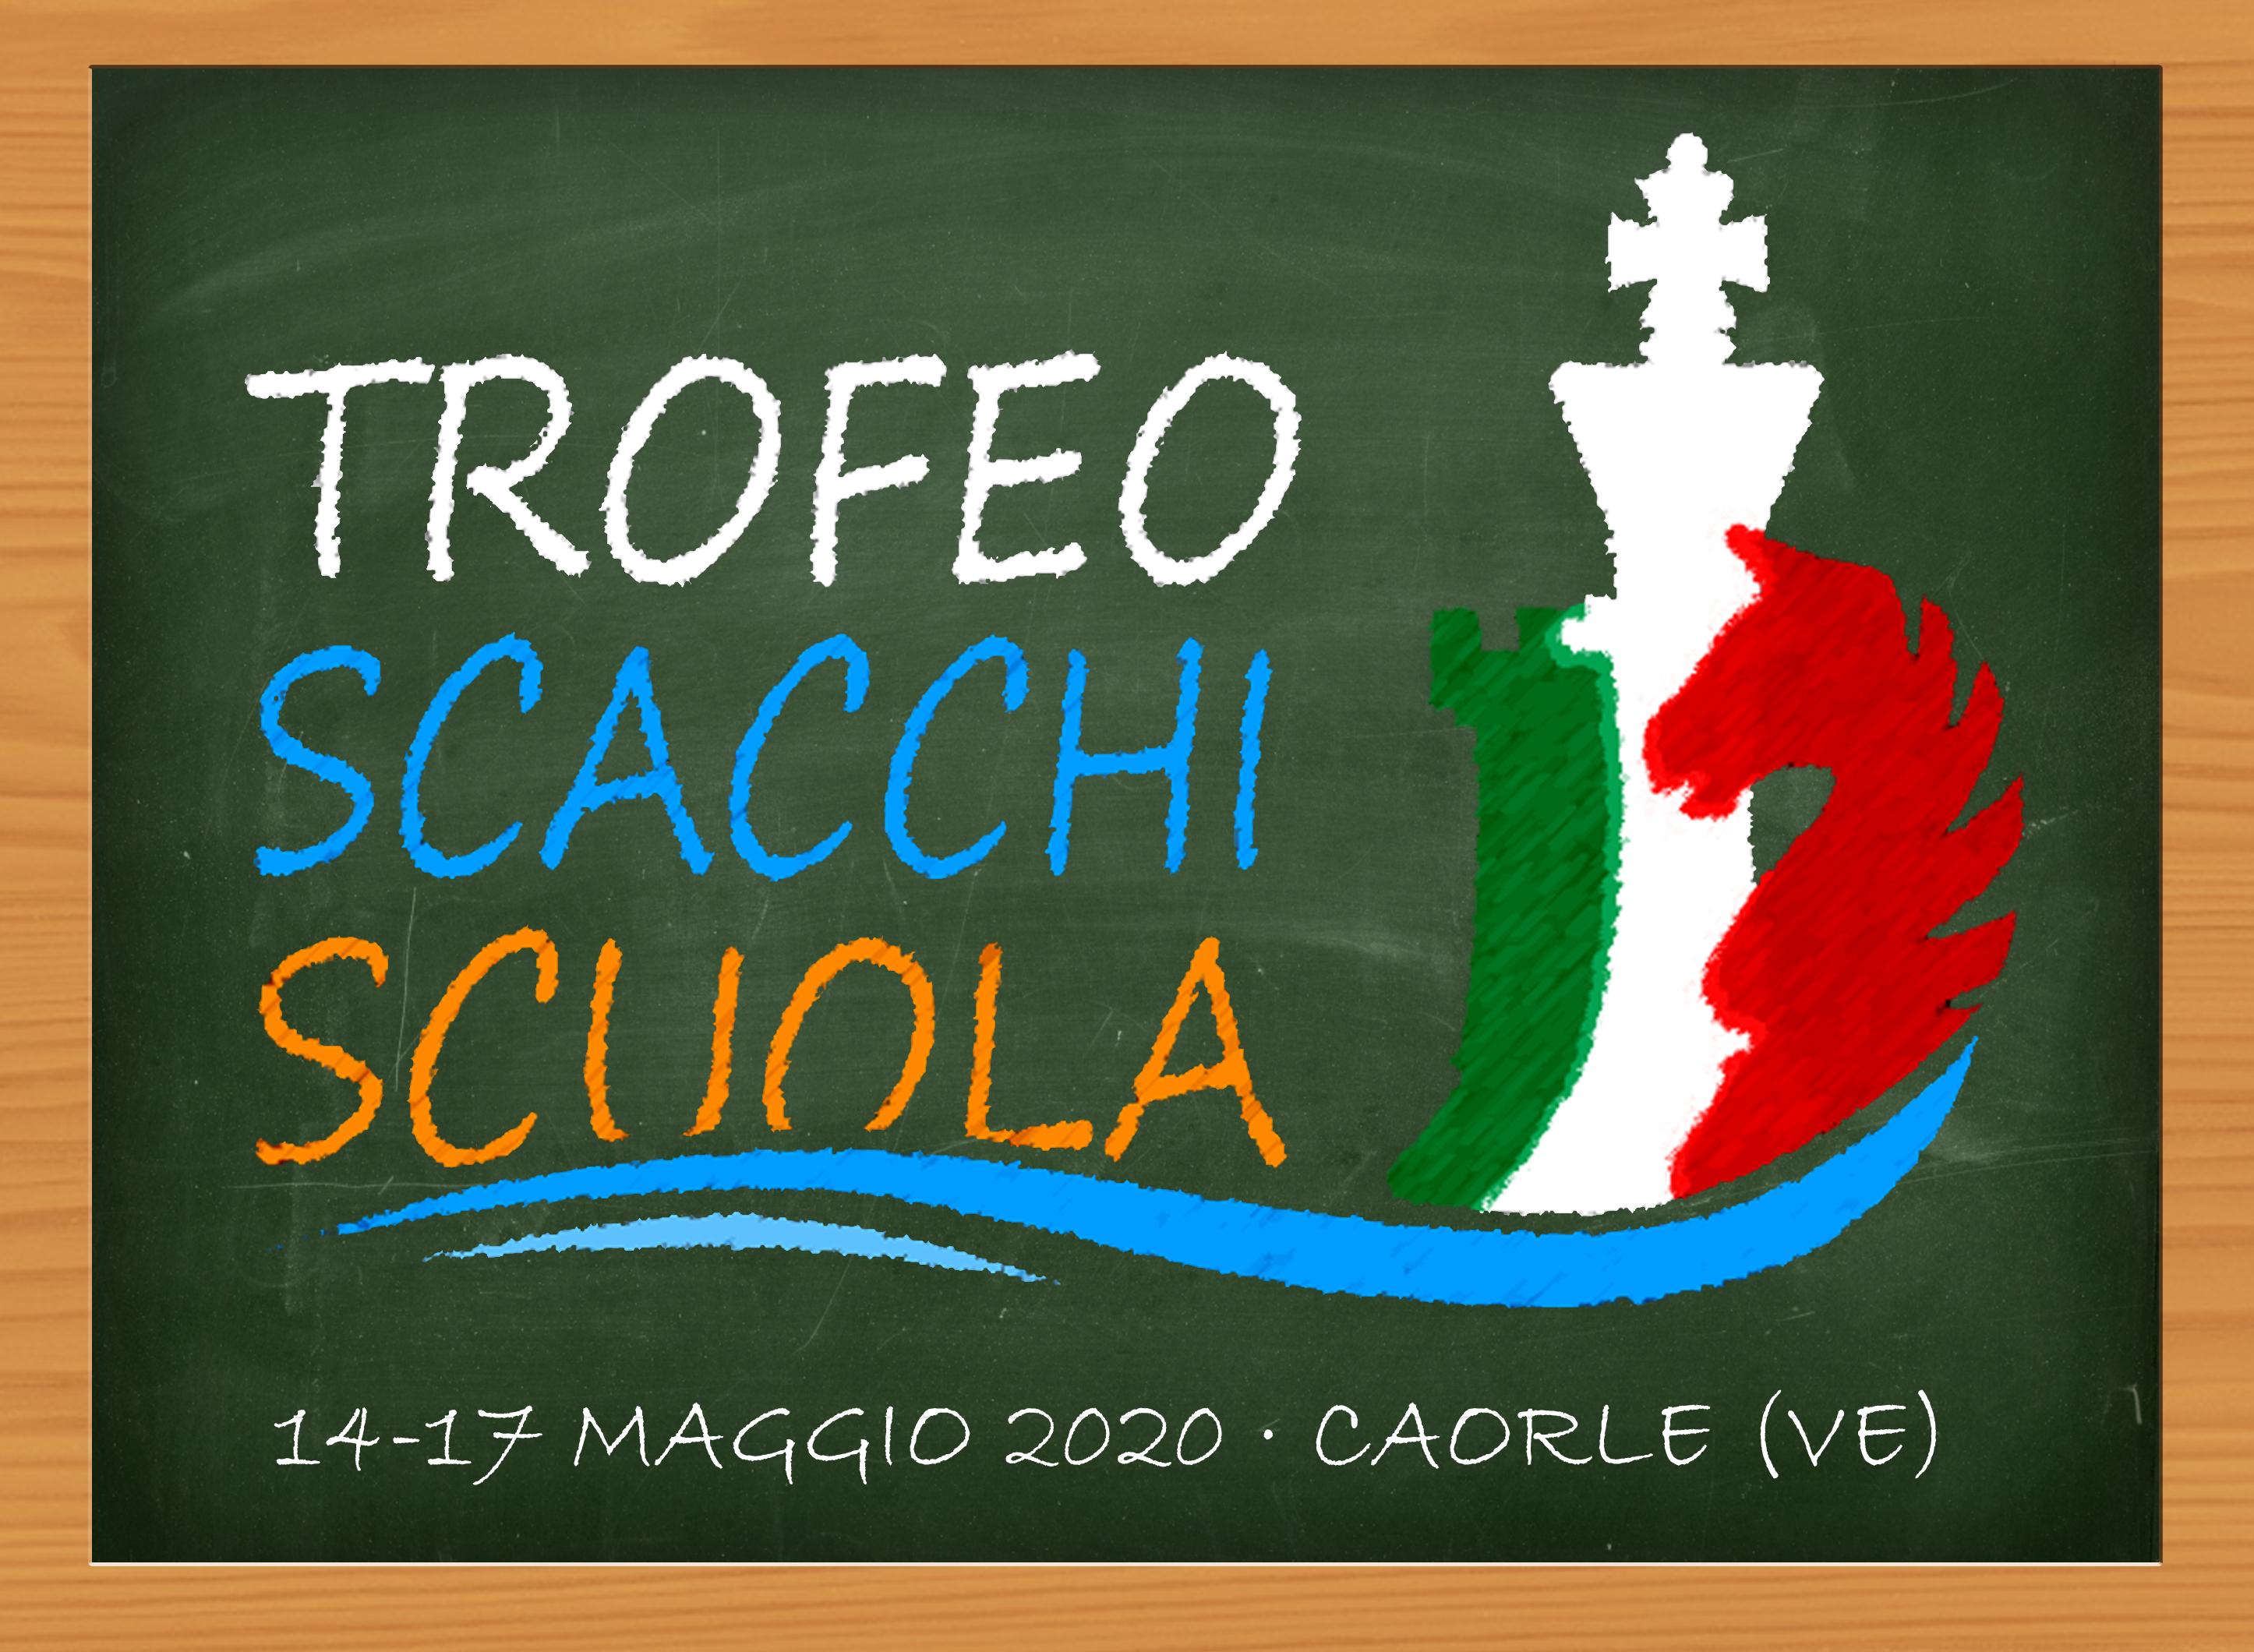 Trofeo Scacchi Scuola